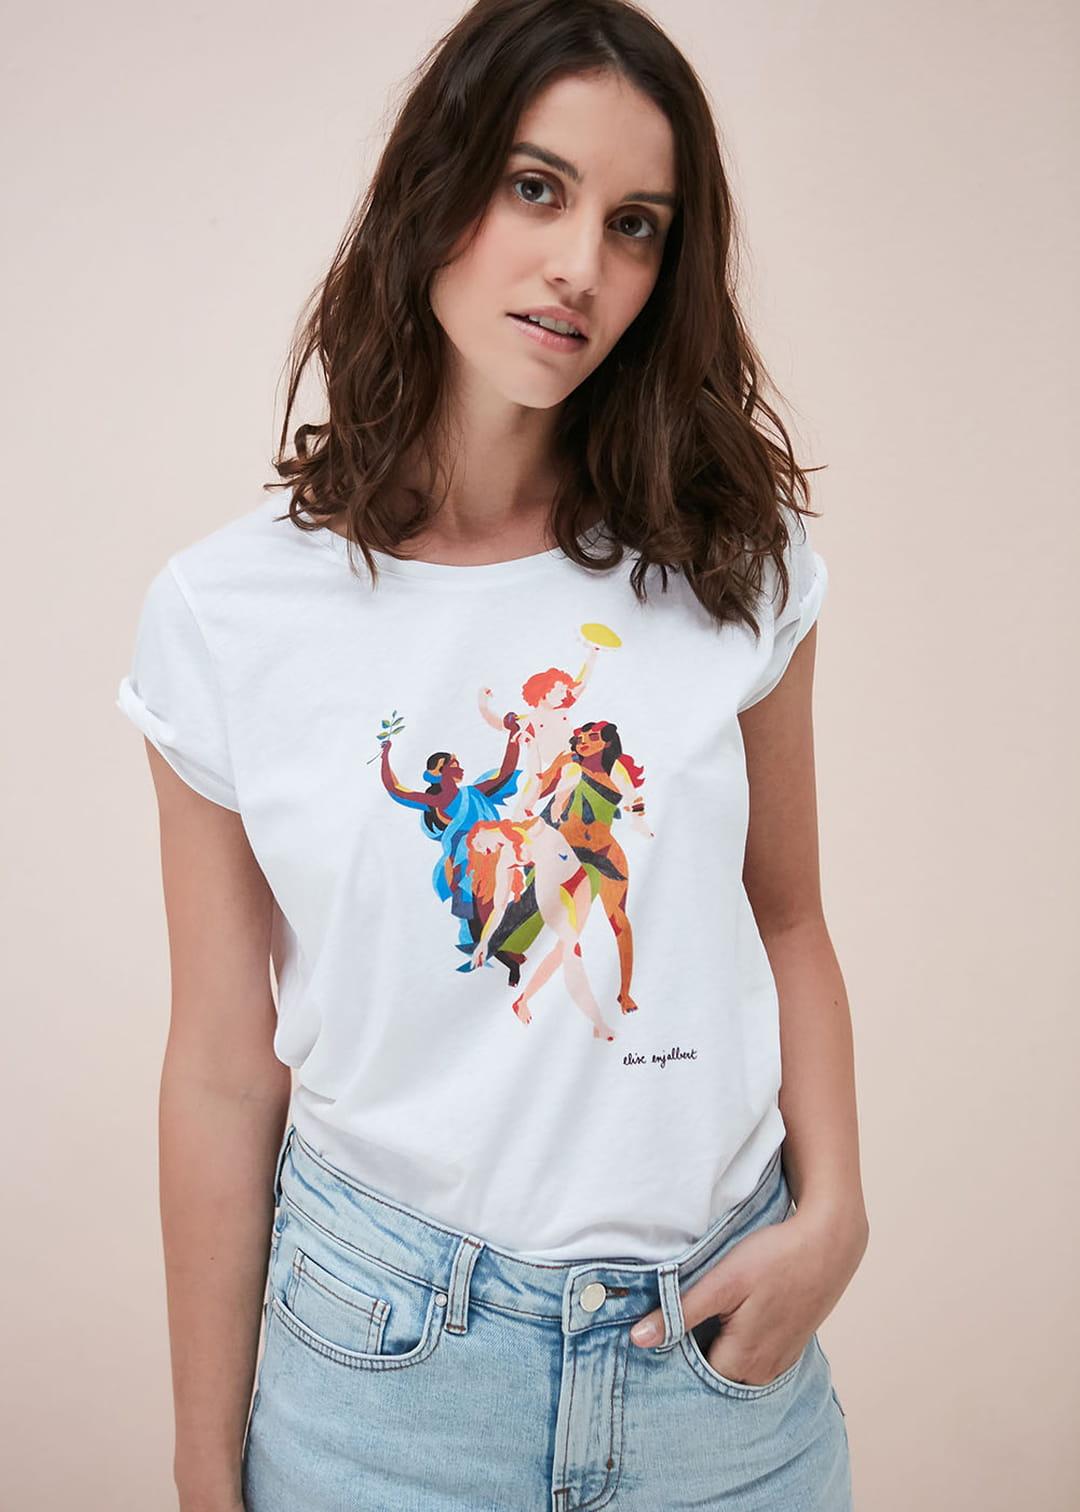 sud-express-femme-mode-t-shirt-8-mars